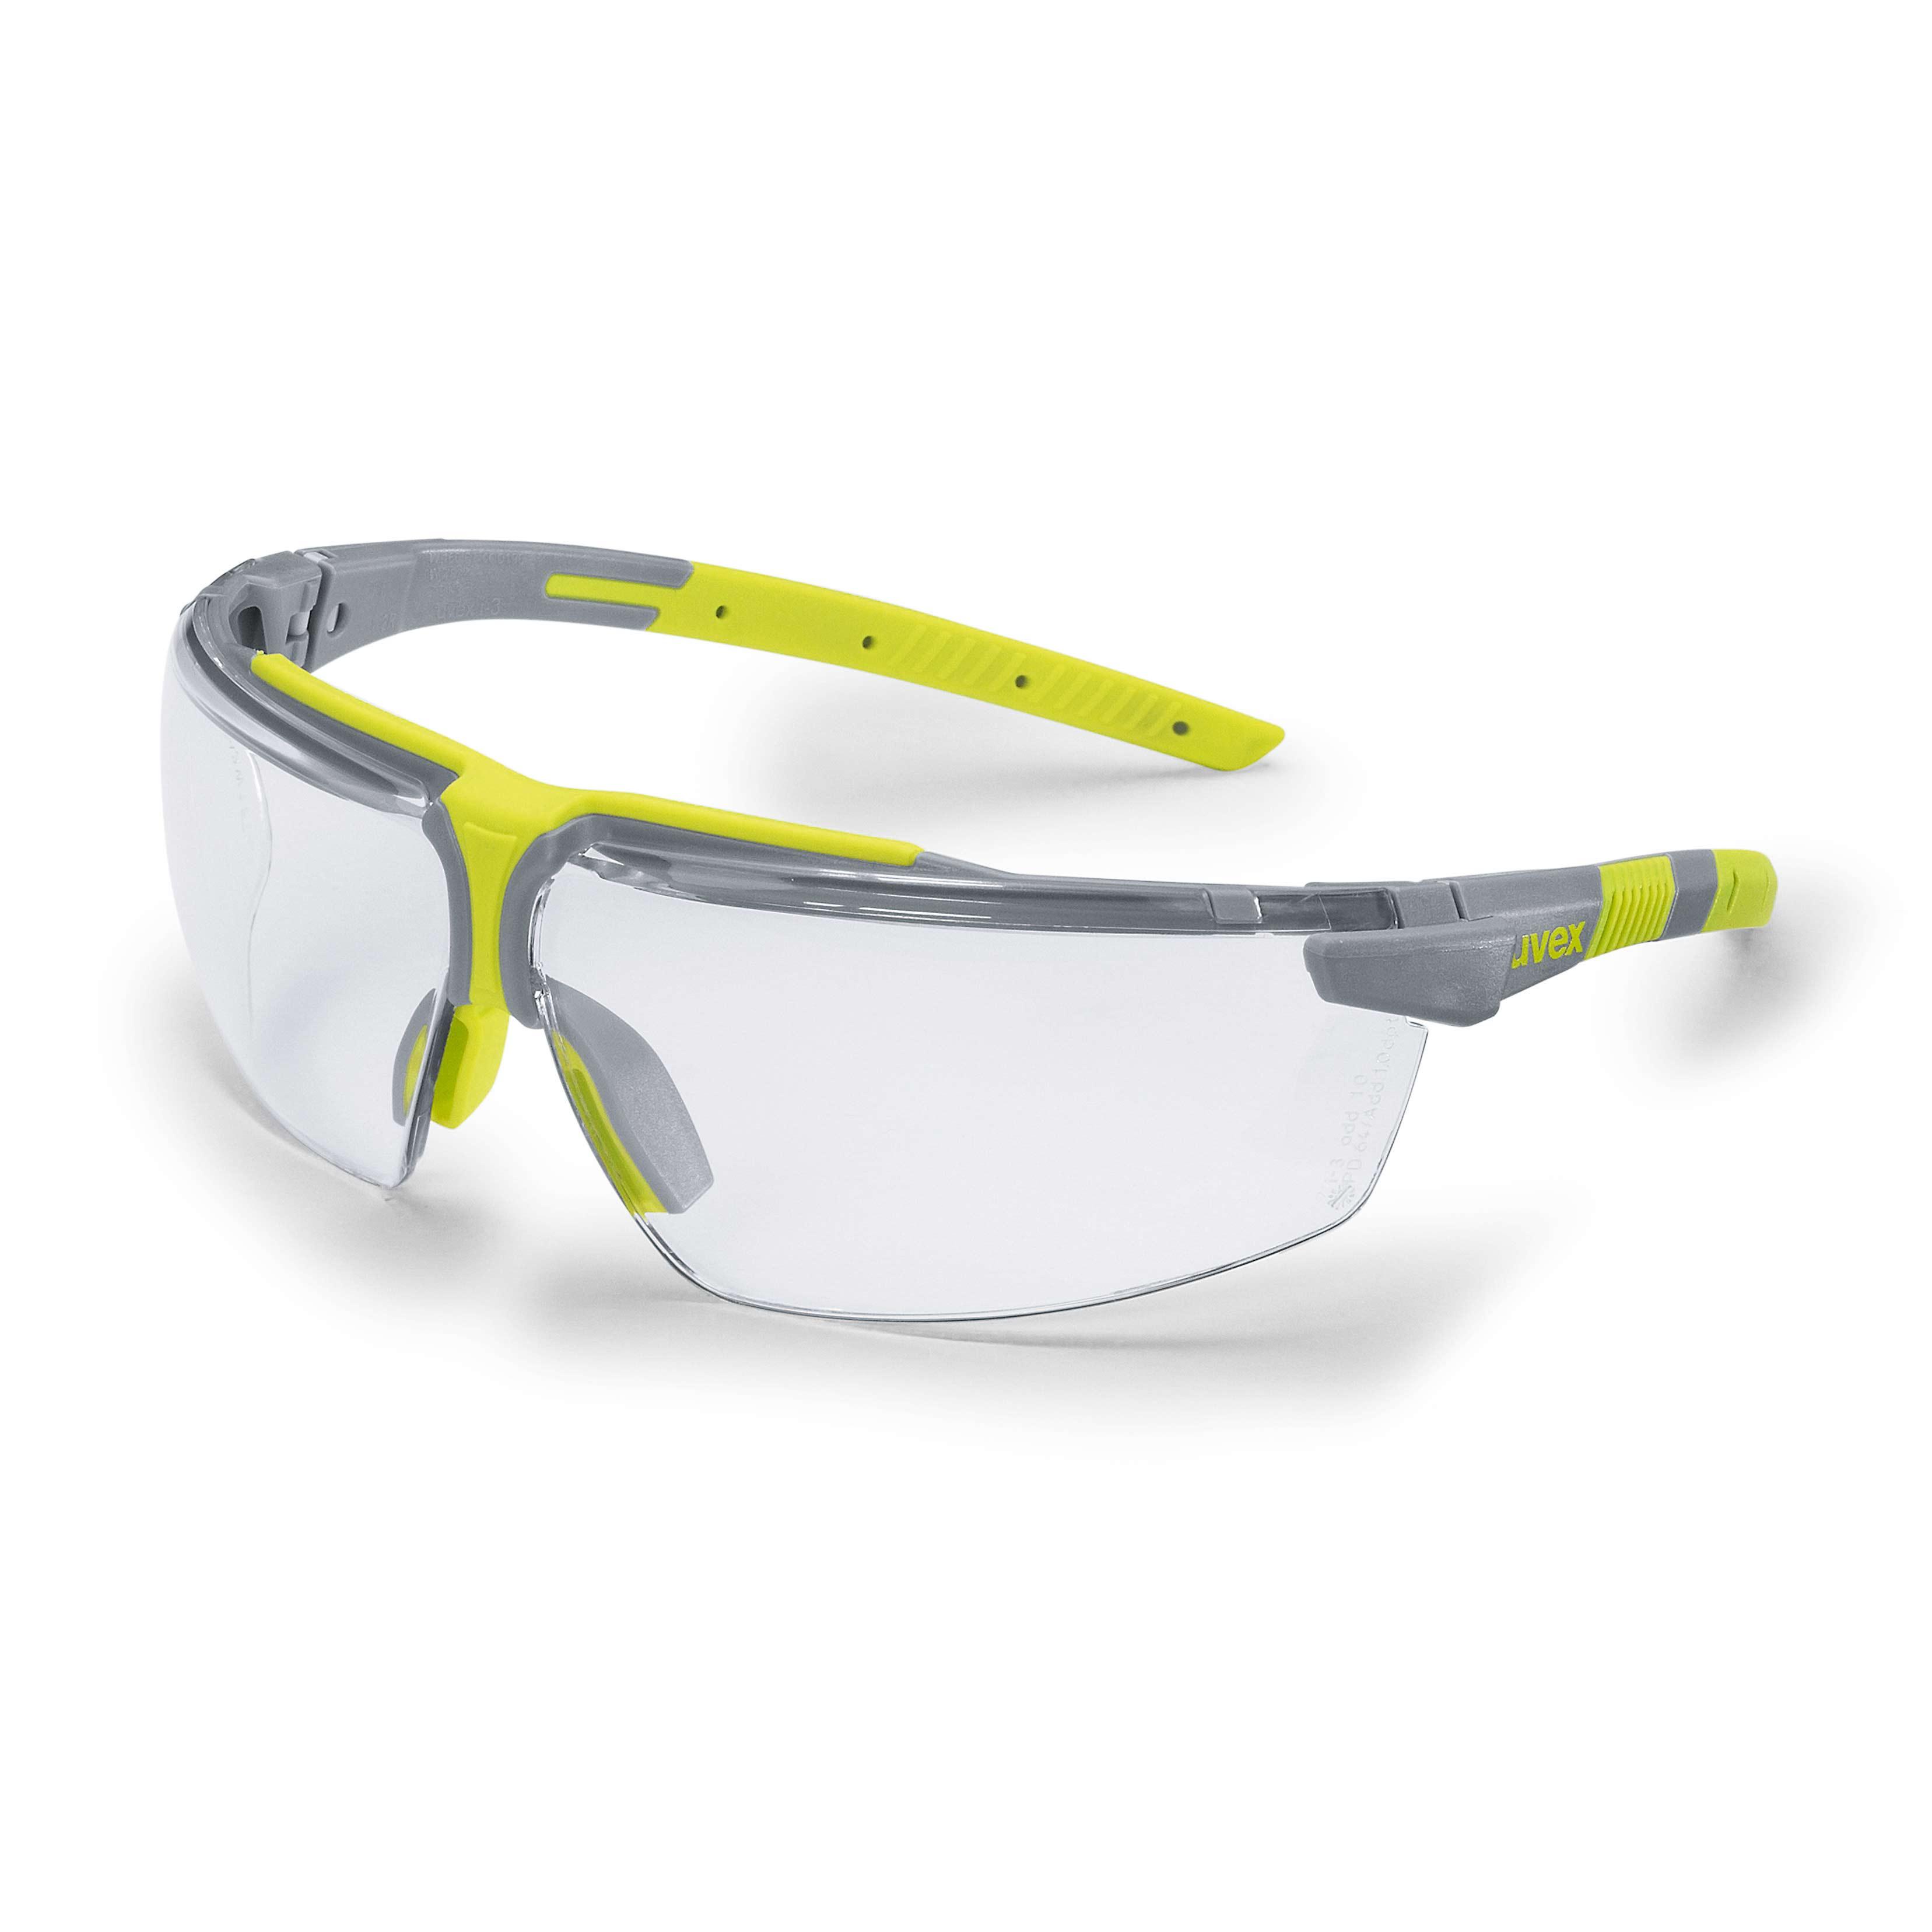 lunettes de protection adapt es la vue uvex i 3 add 1 0 lunettes de protection la vue. Black Bedroom Furniture Sets. Home Design Ideas